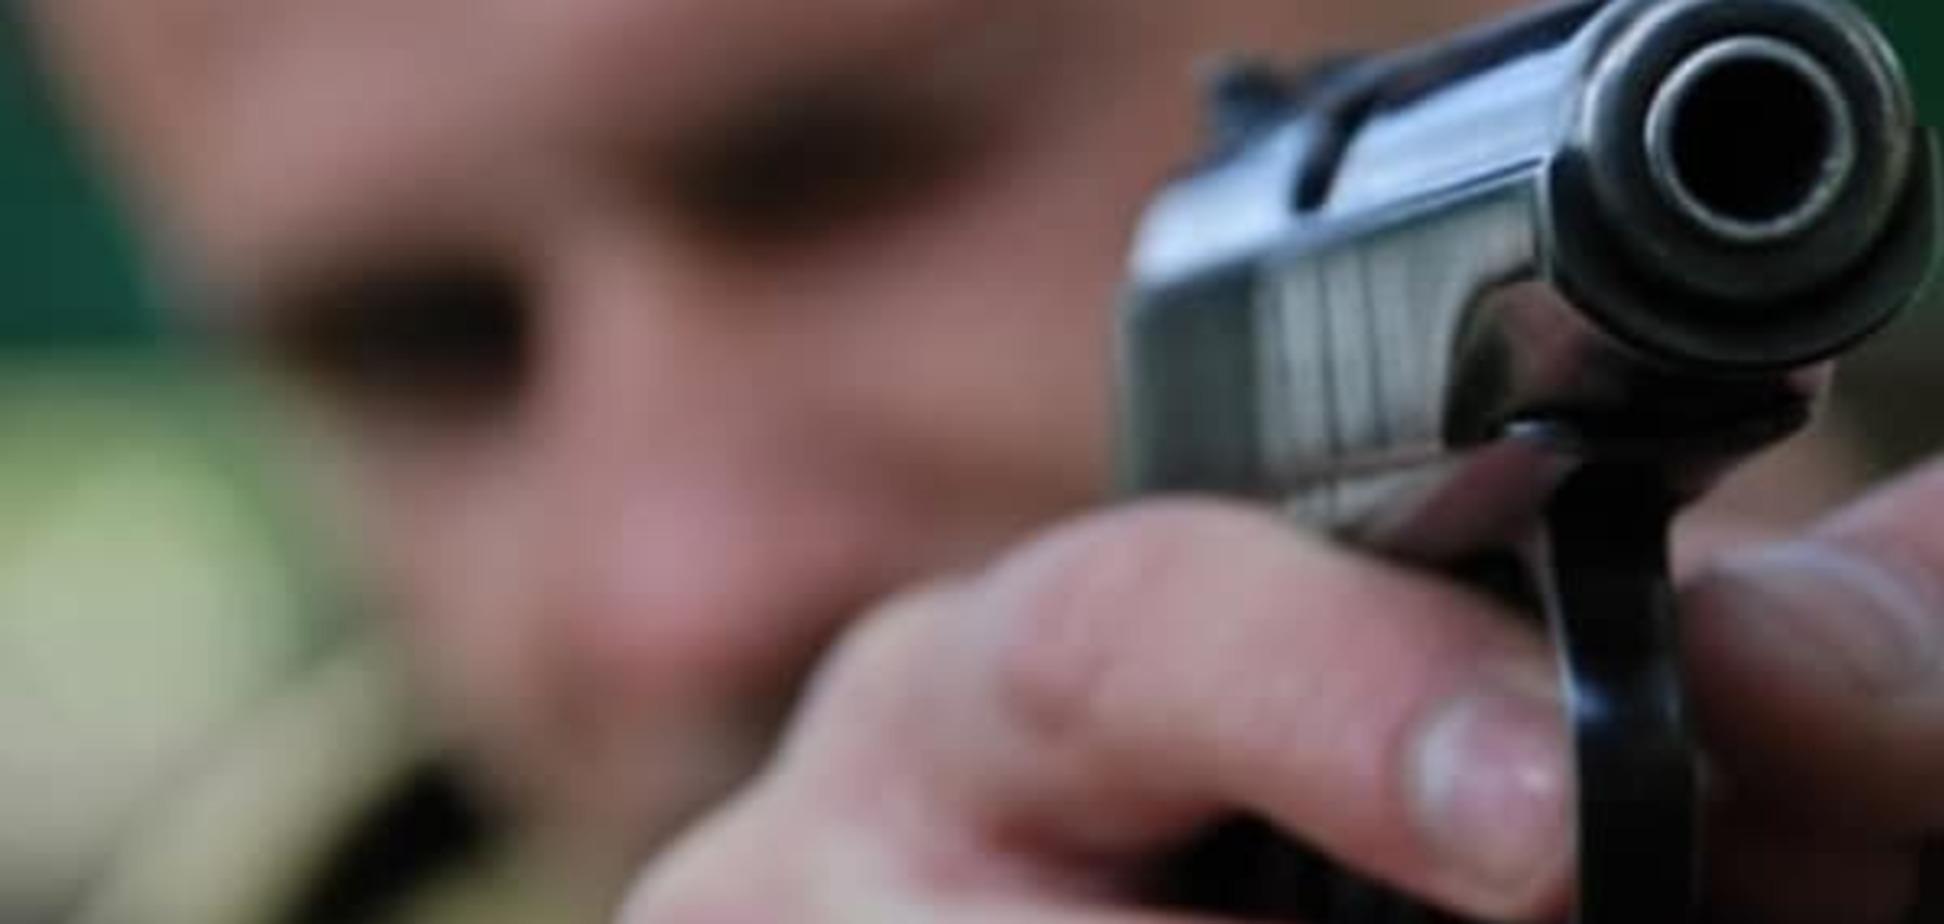 Врятували від 'вторгнення': прикордонники Росії обстріляли позашляховик, який проривався в Україну